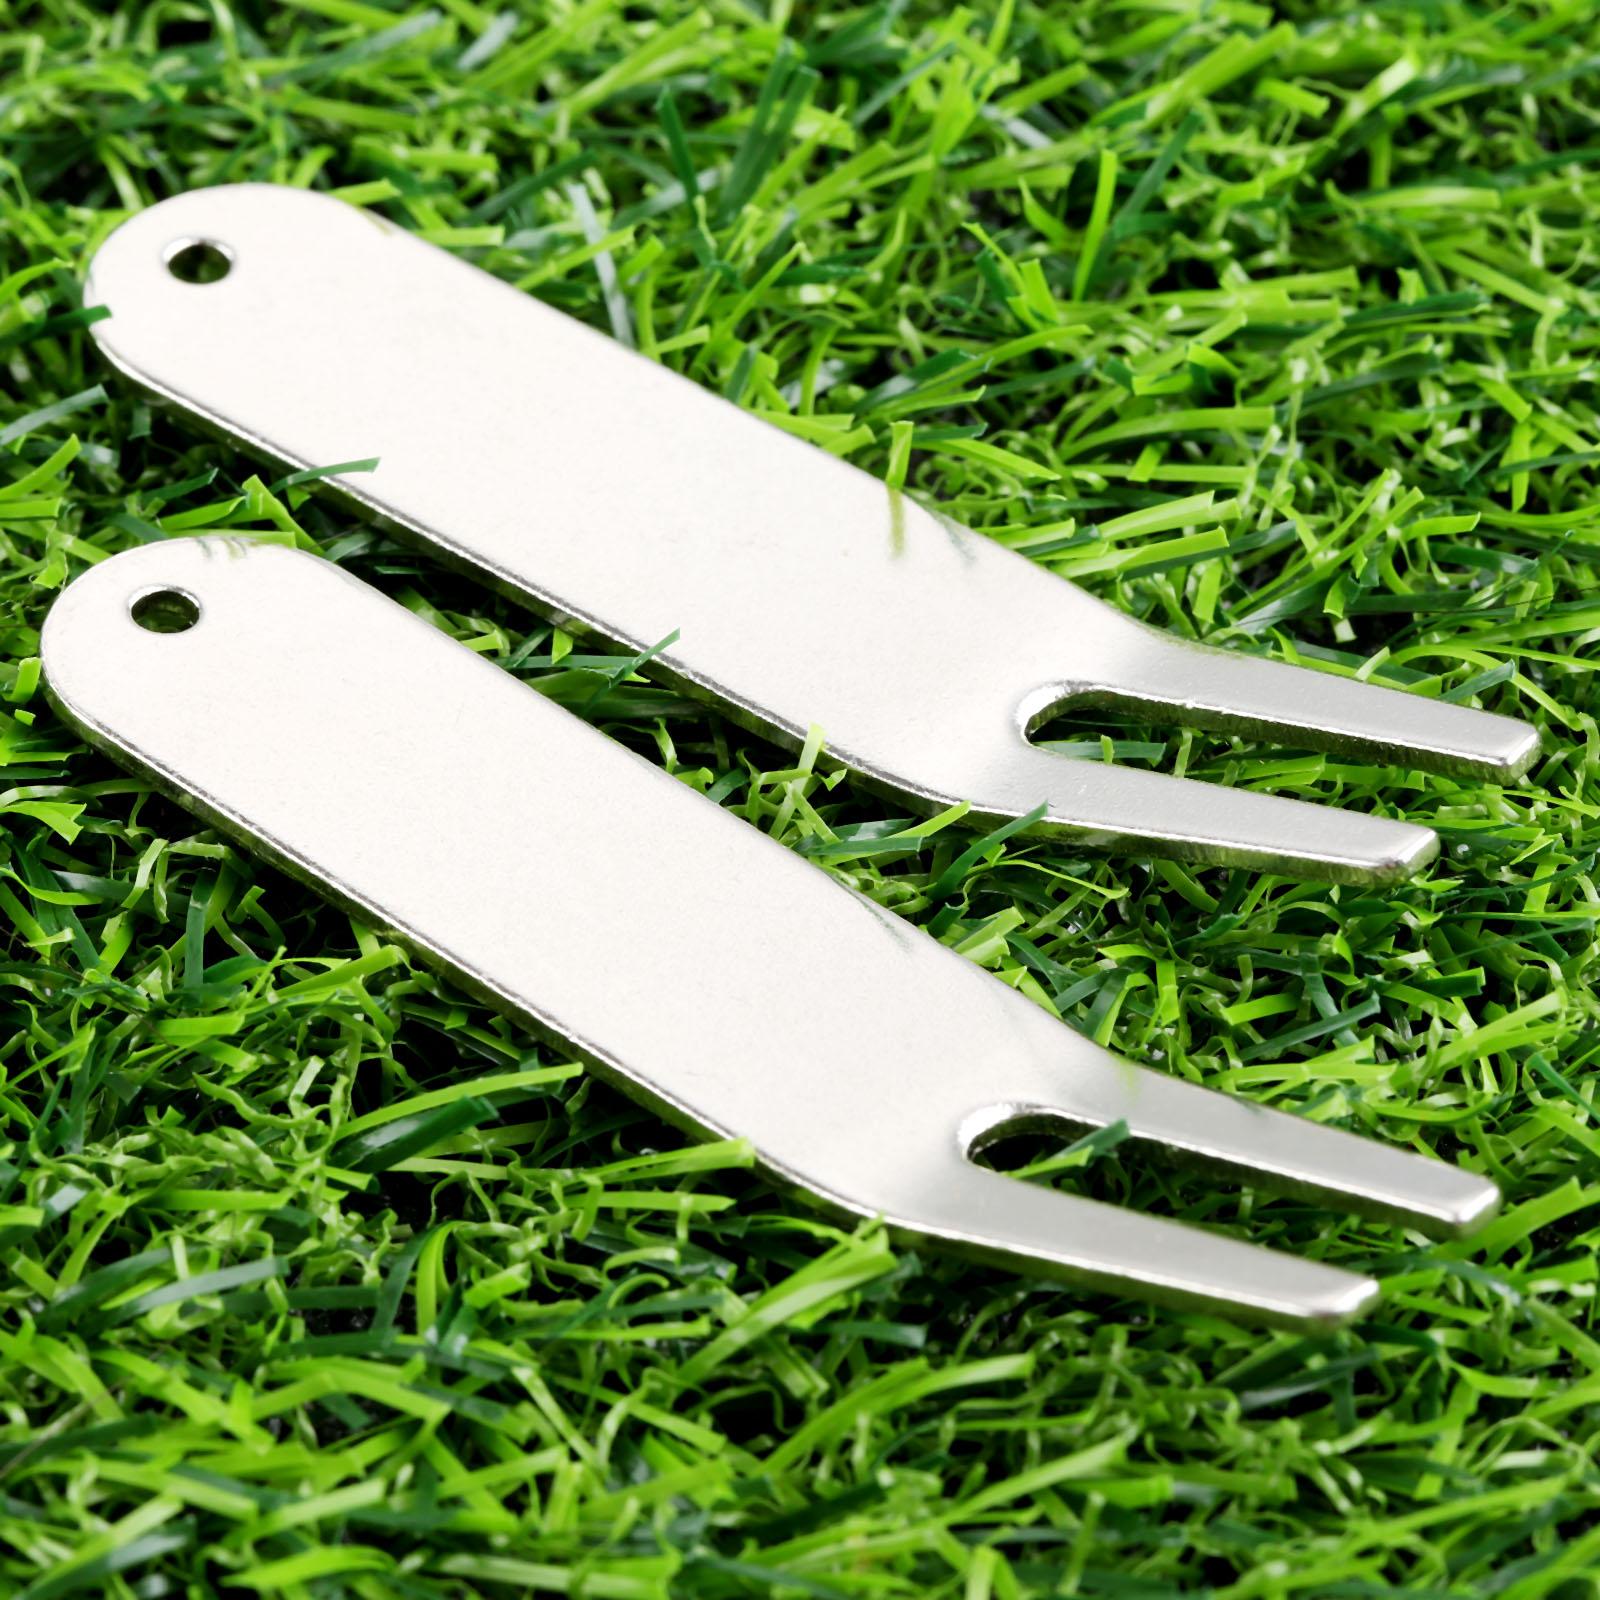 Zinc Alloy 2pcs Golf Divot Repair Tools Golf Green Fork Portable Silver Divot Repair Too ...